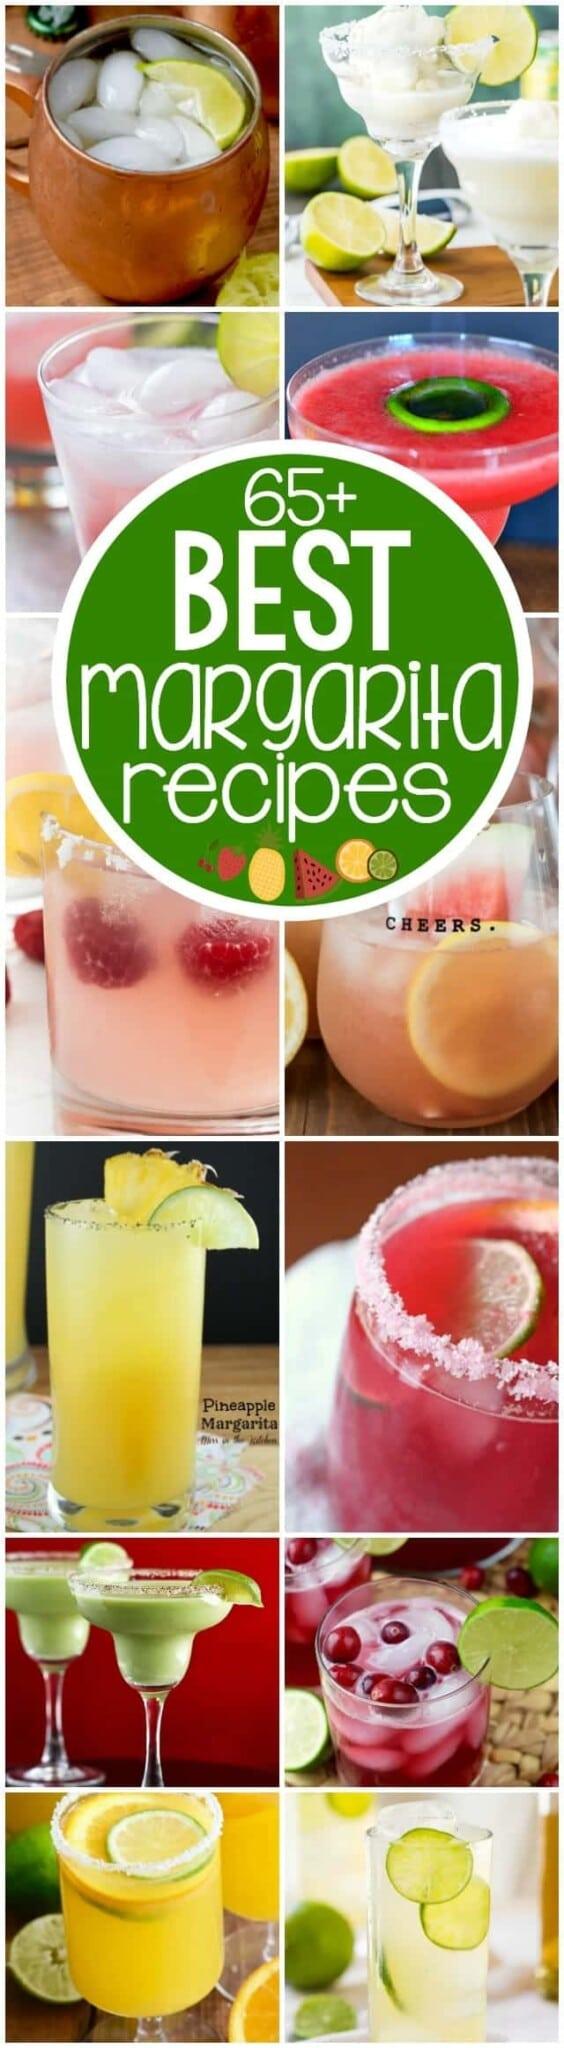 collage of 12 margarita recipes